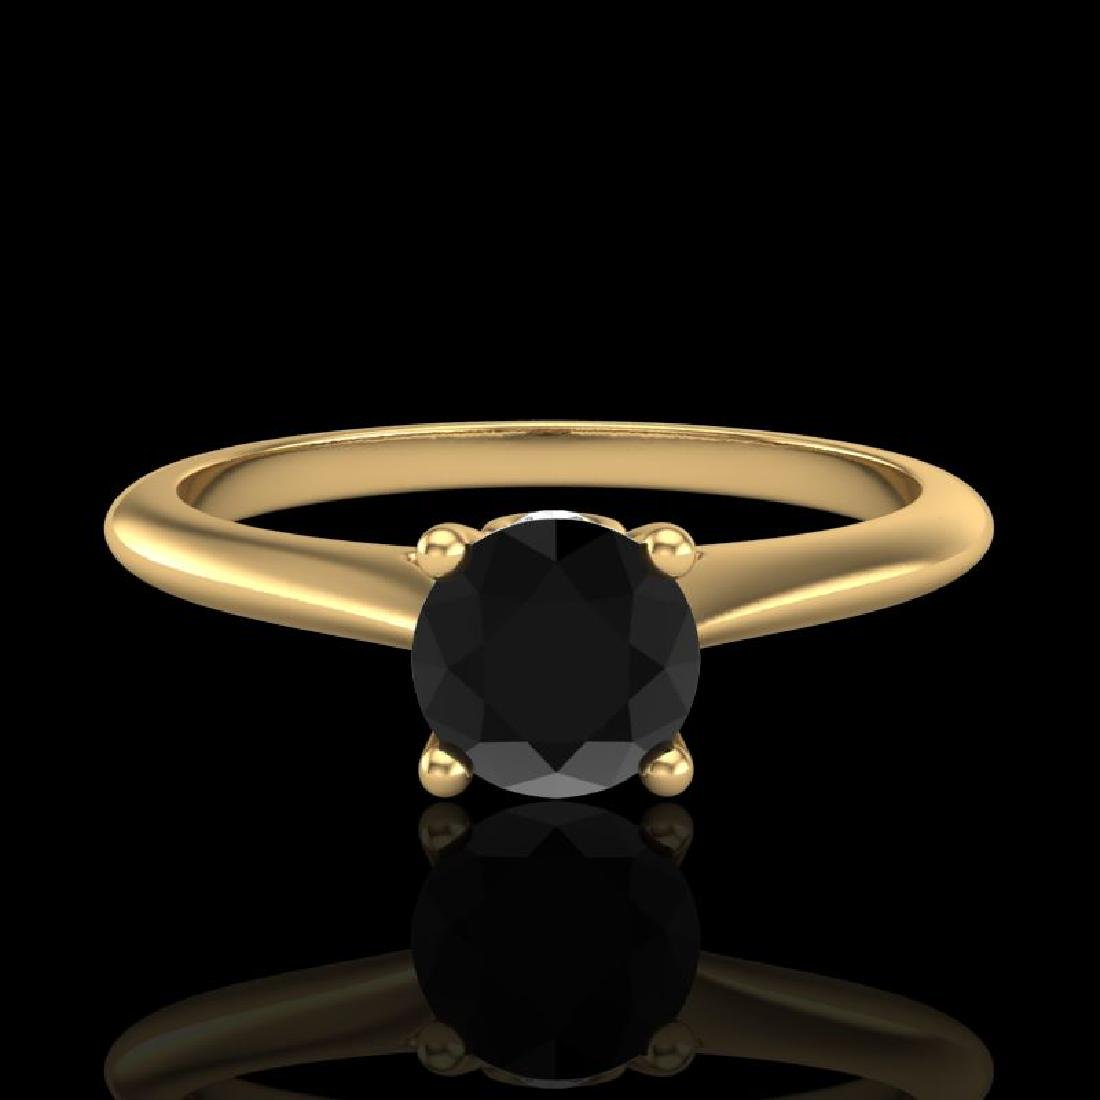 0.56 CTW Fancy Black Diamond Solitaire Engagement Art - 2